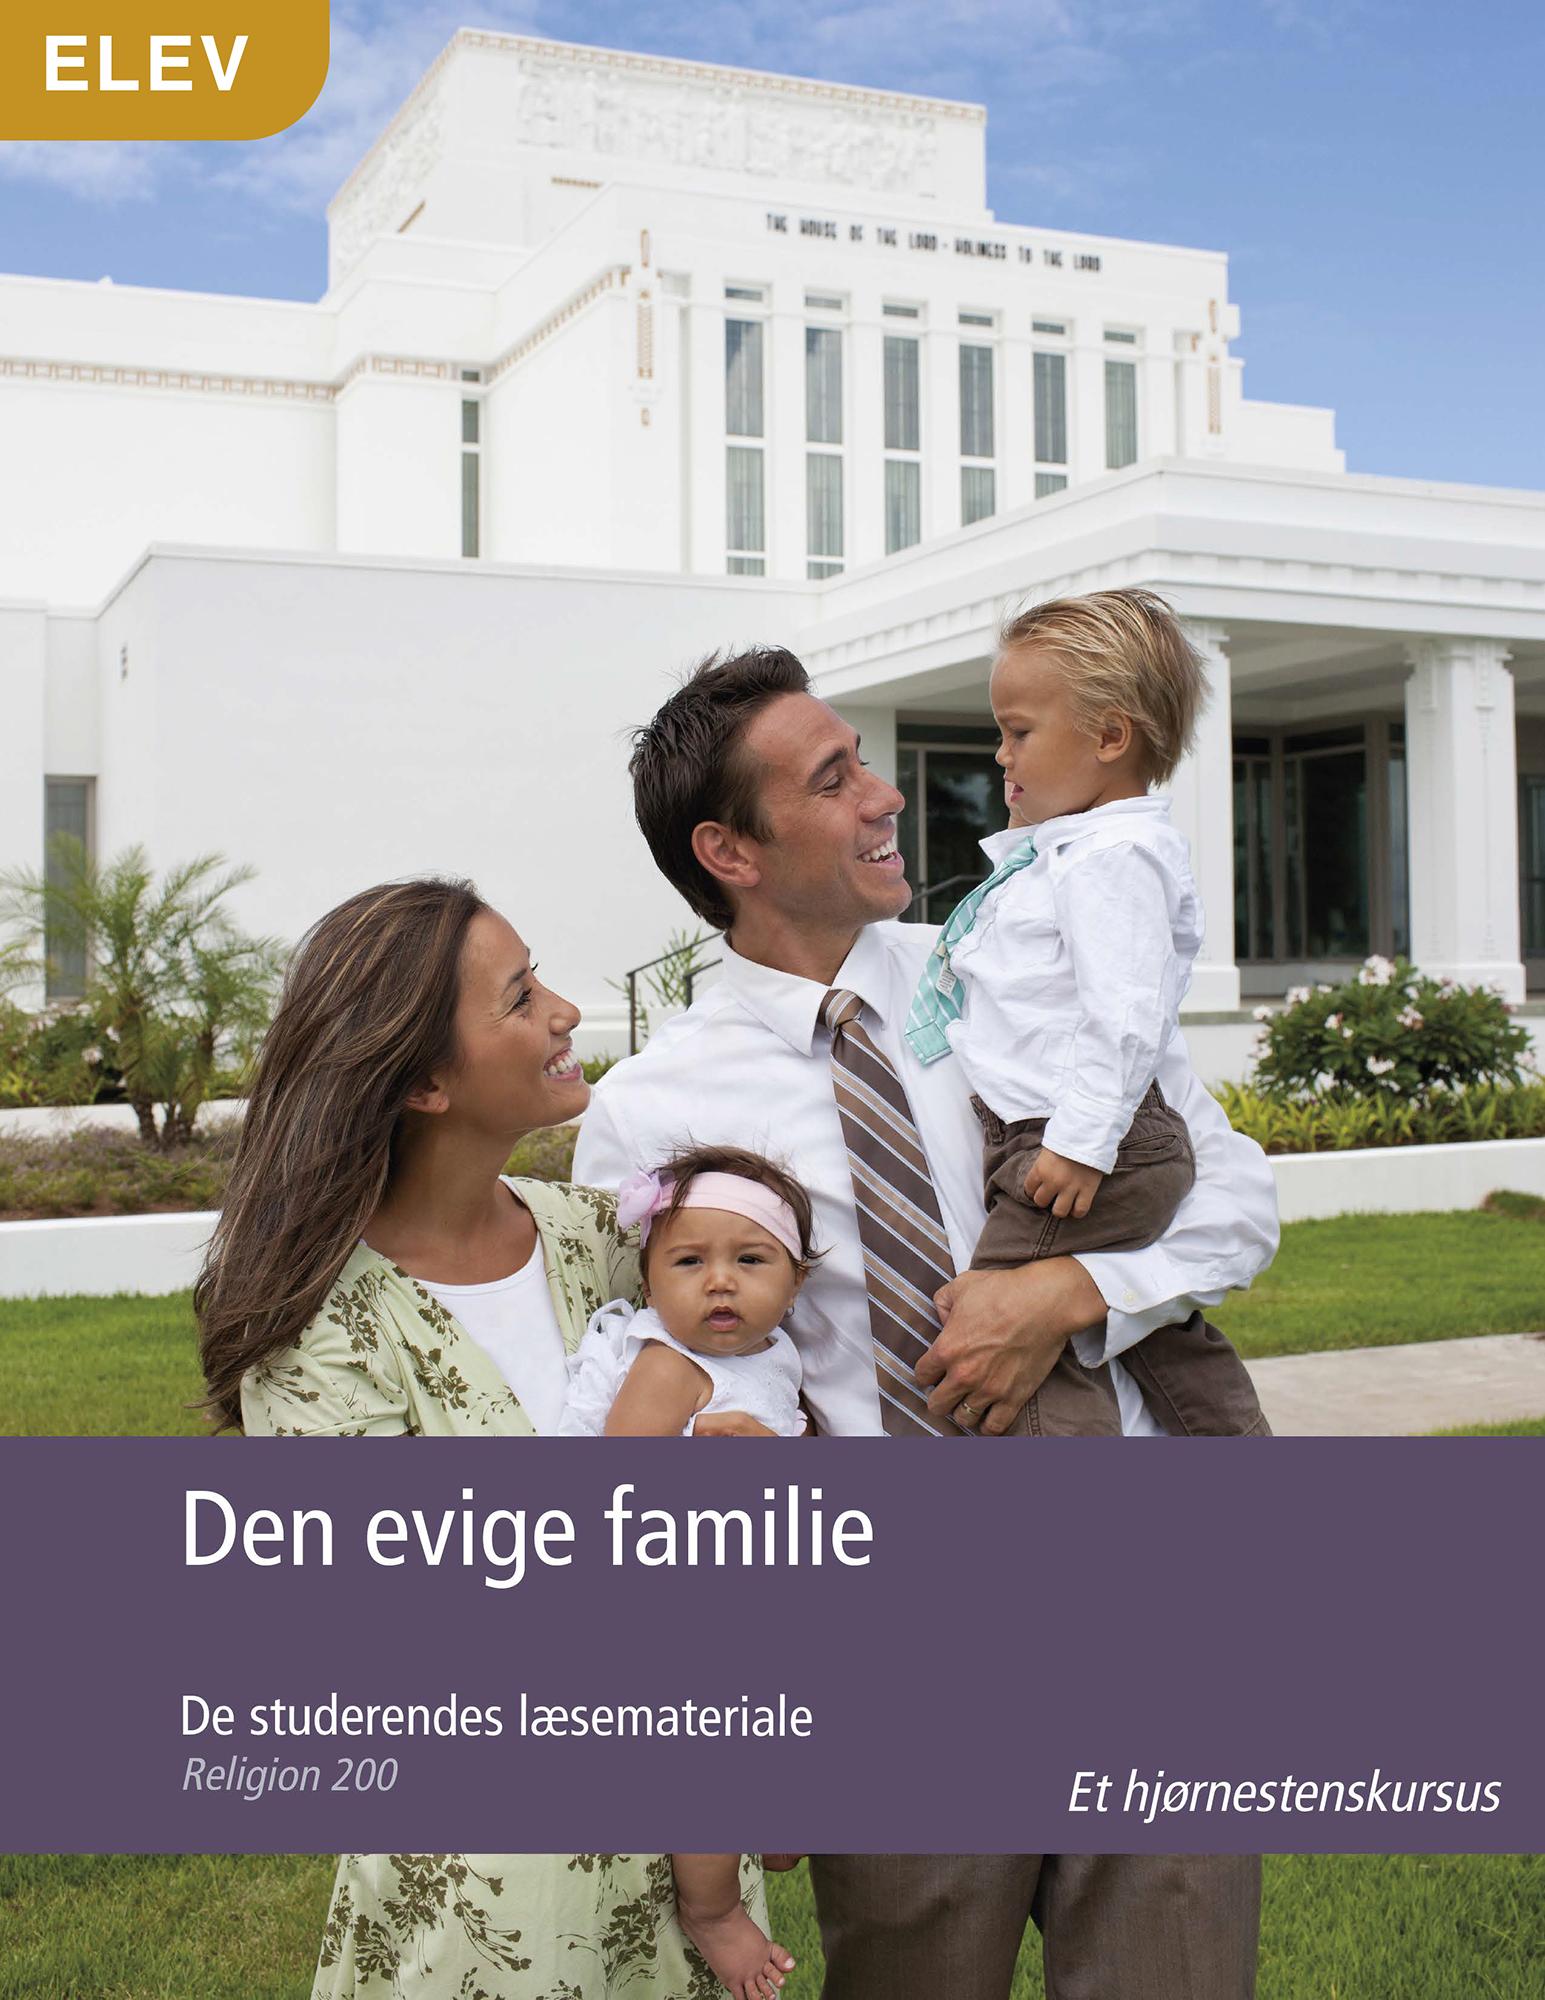 Den evige familie – De studerendes læsemateriale (Rel 200)